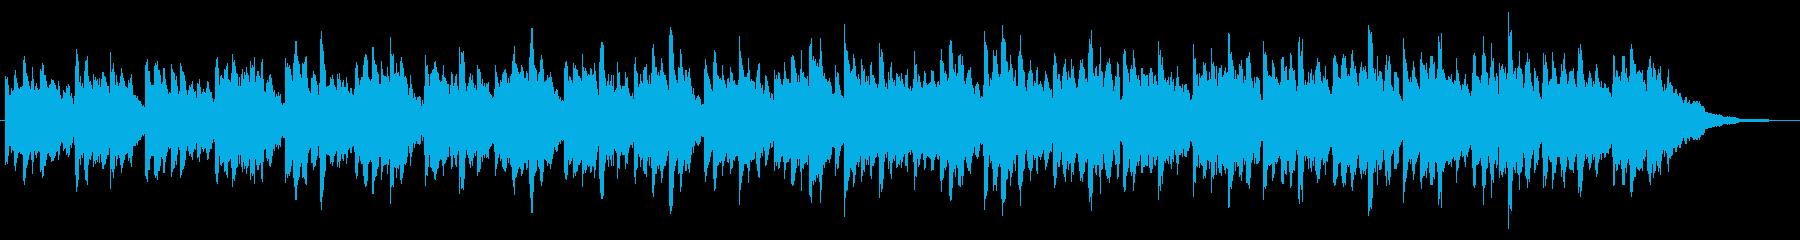 シンセの音色がかわいいジングル2の再生済みの波形